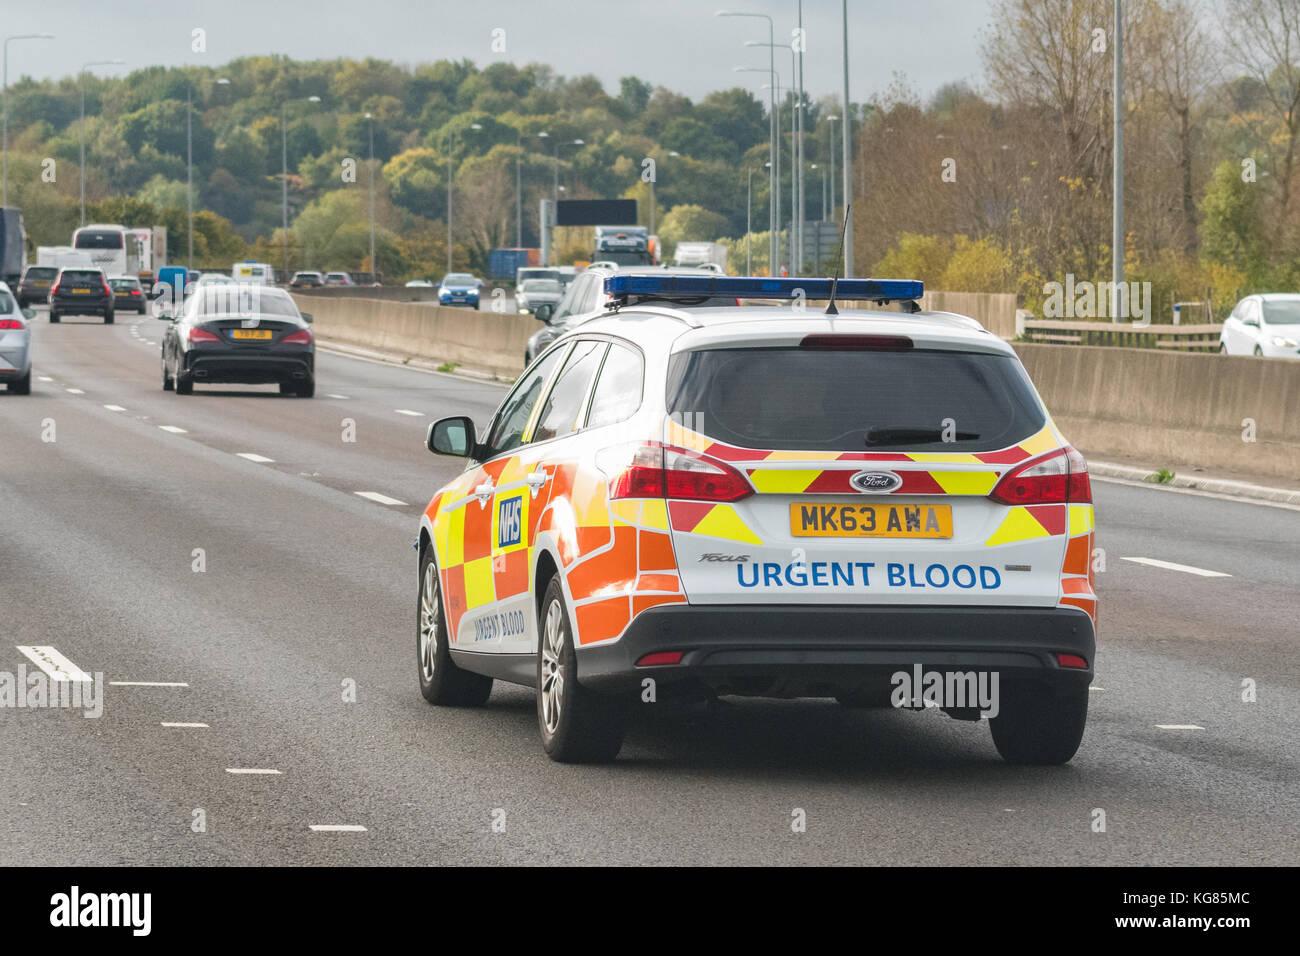 NHS Blood transportation service emergency vehicle - UK - Stock Image